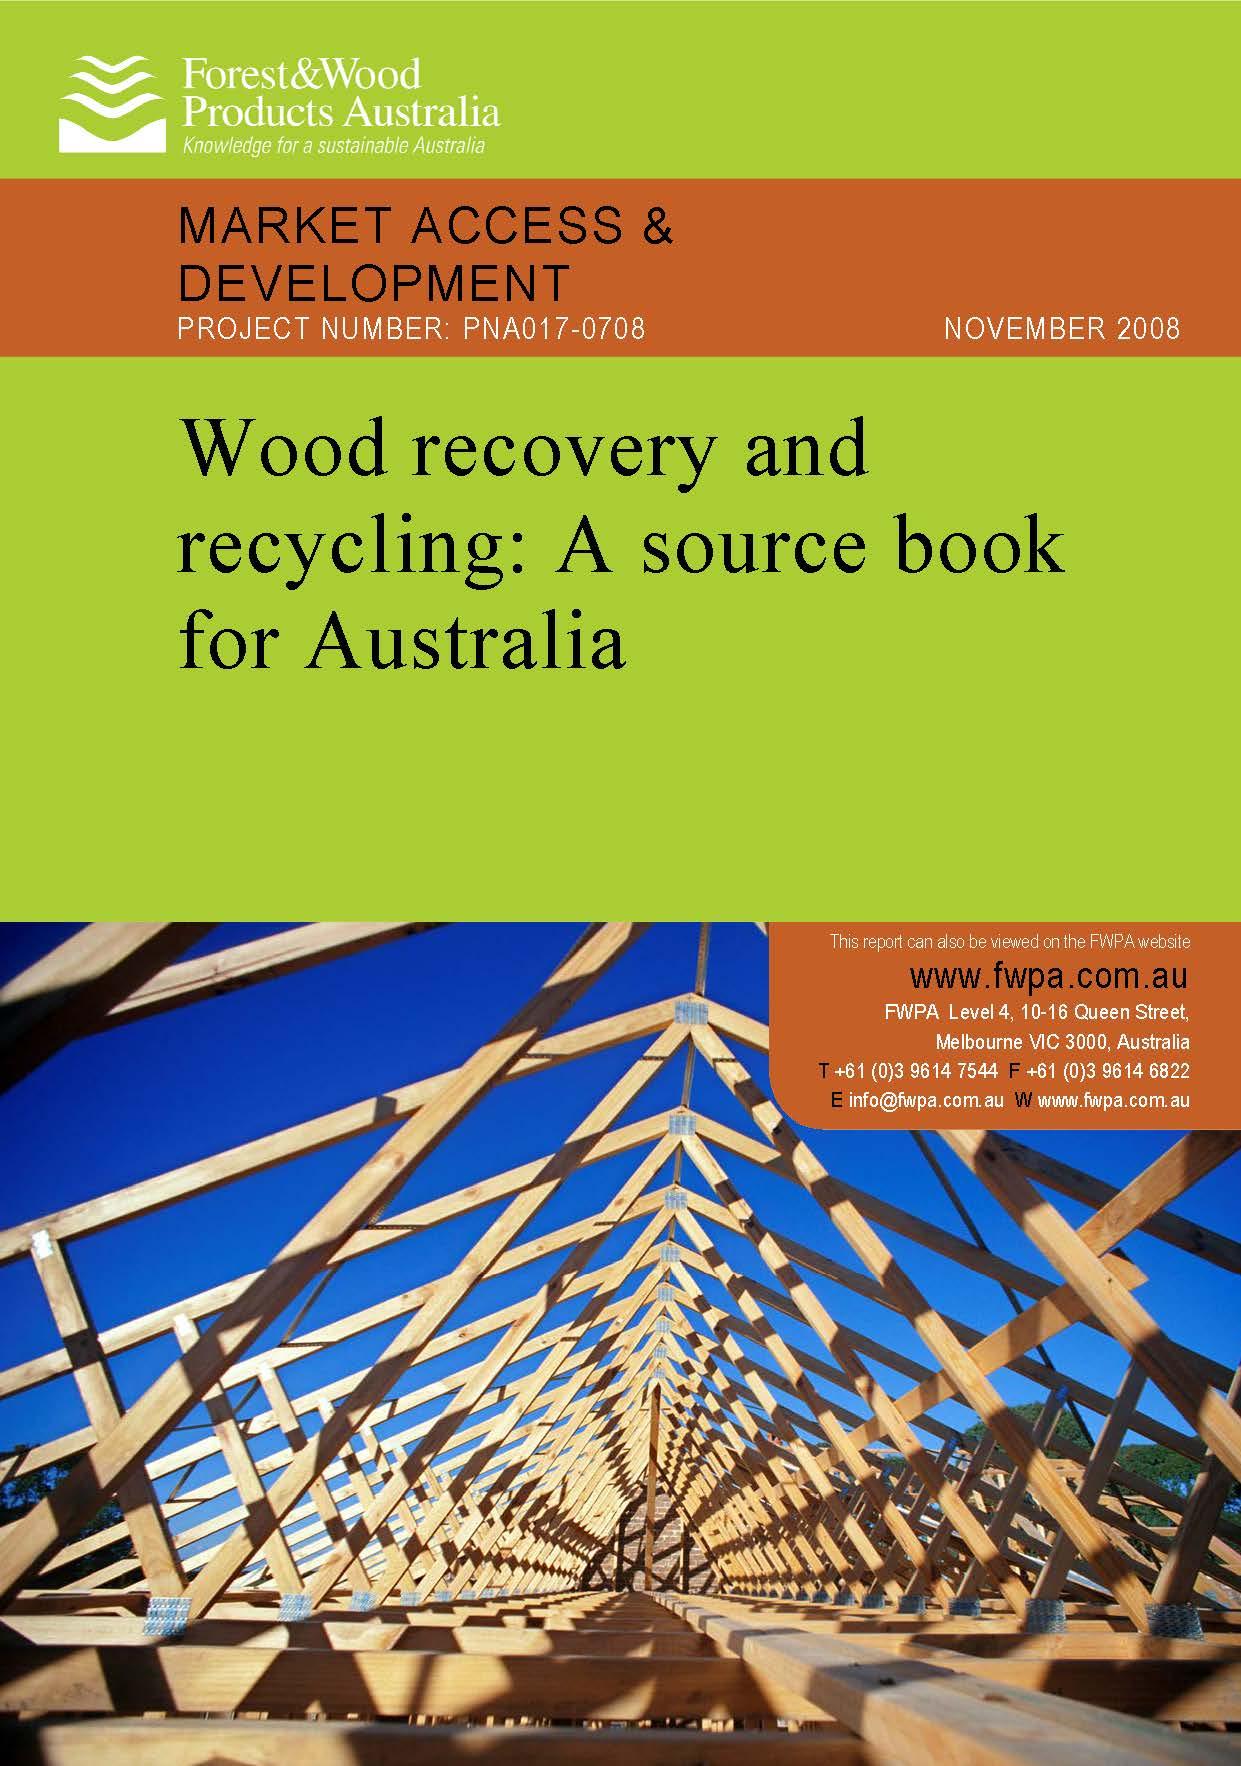 PNA017-0708_Wood_Recycling_0 1.jpg